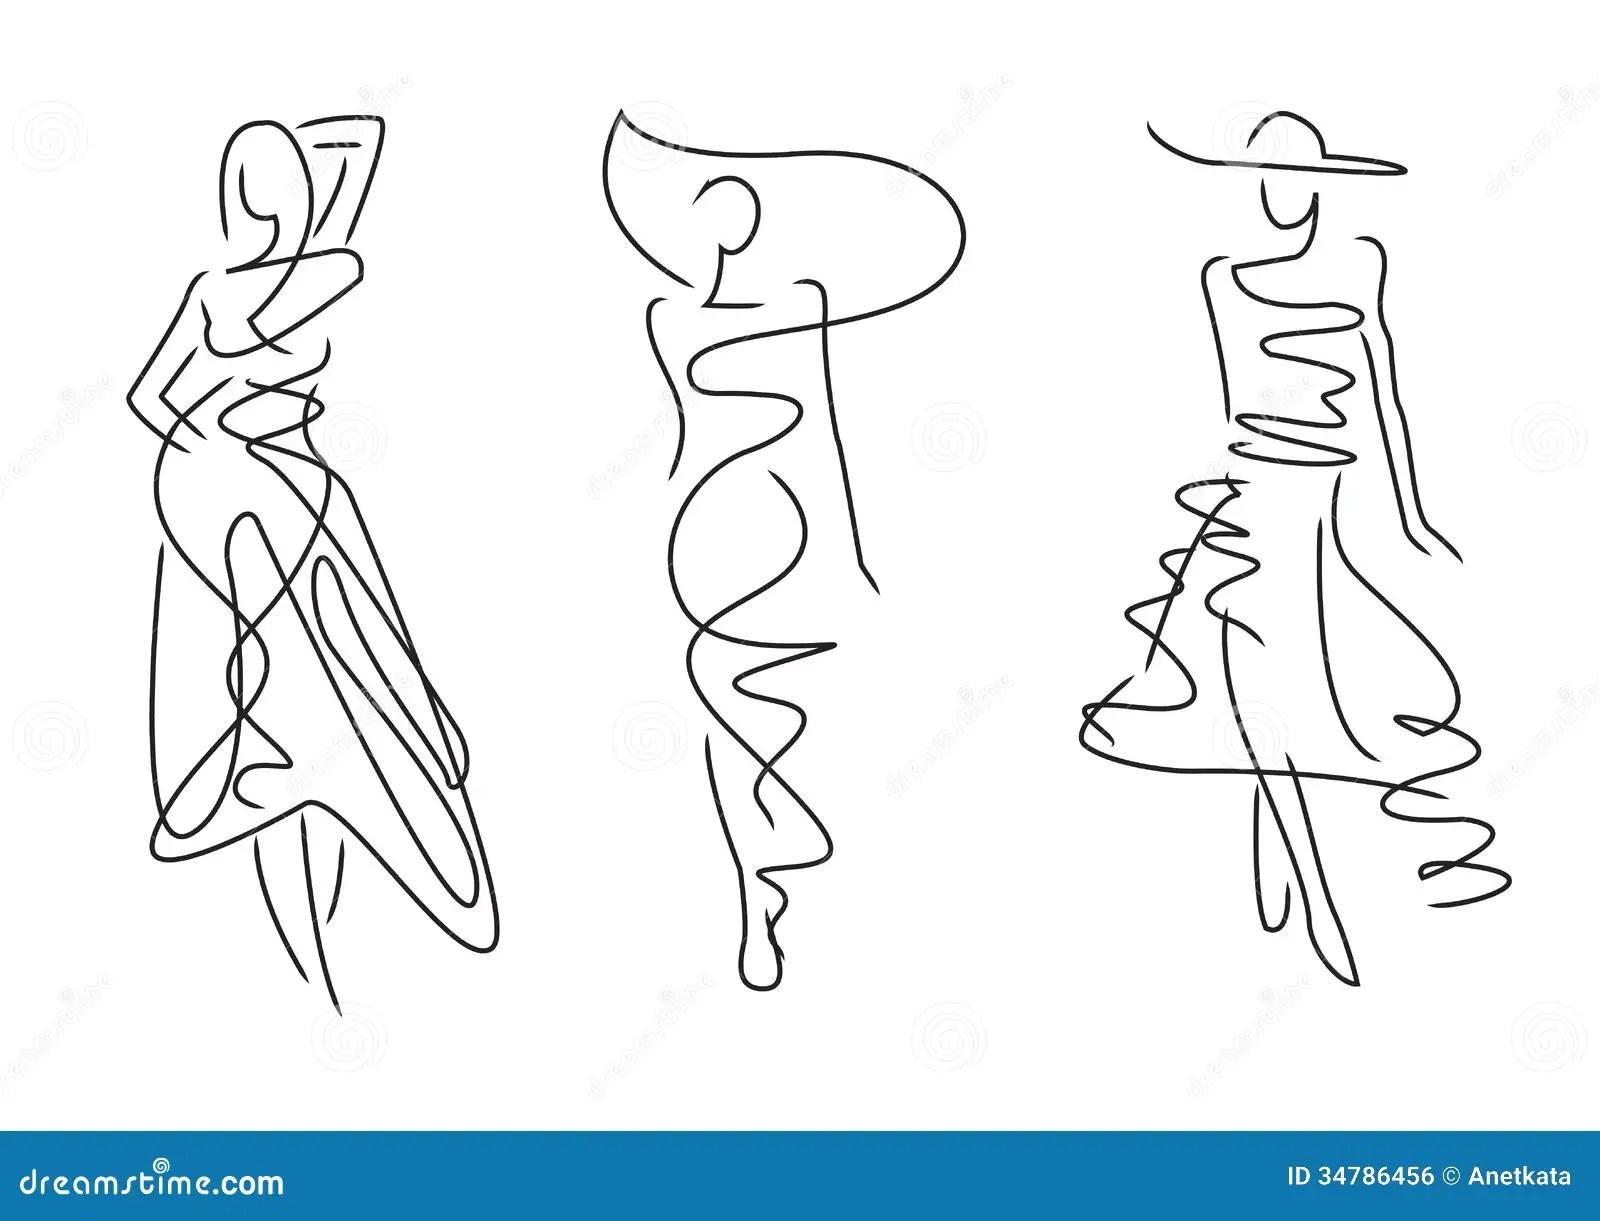 Poses Da Forma Do Esboco Ilustracao Do Vetor Ilustracao